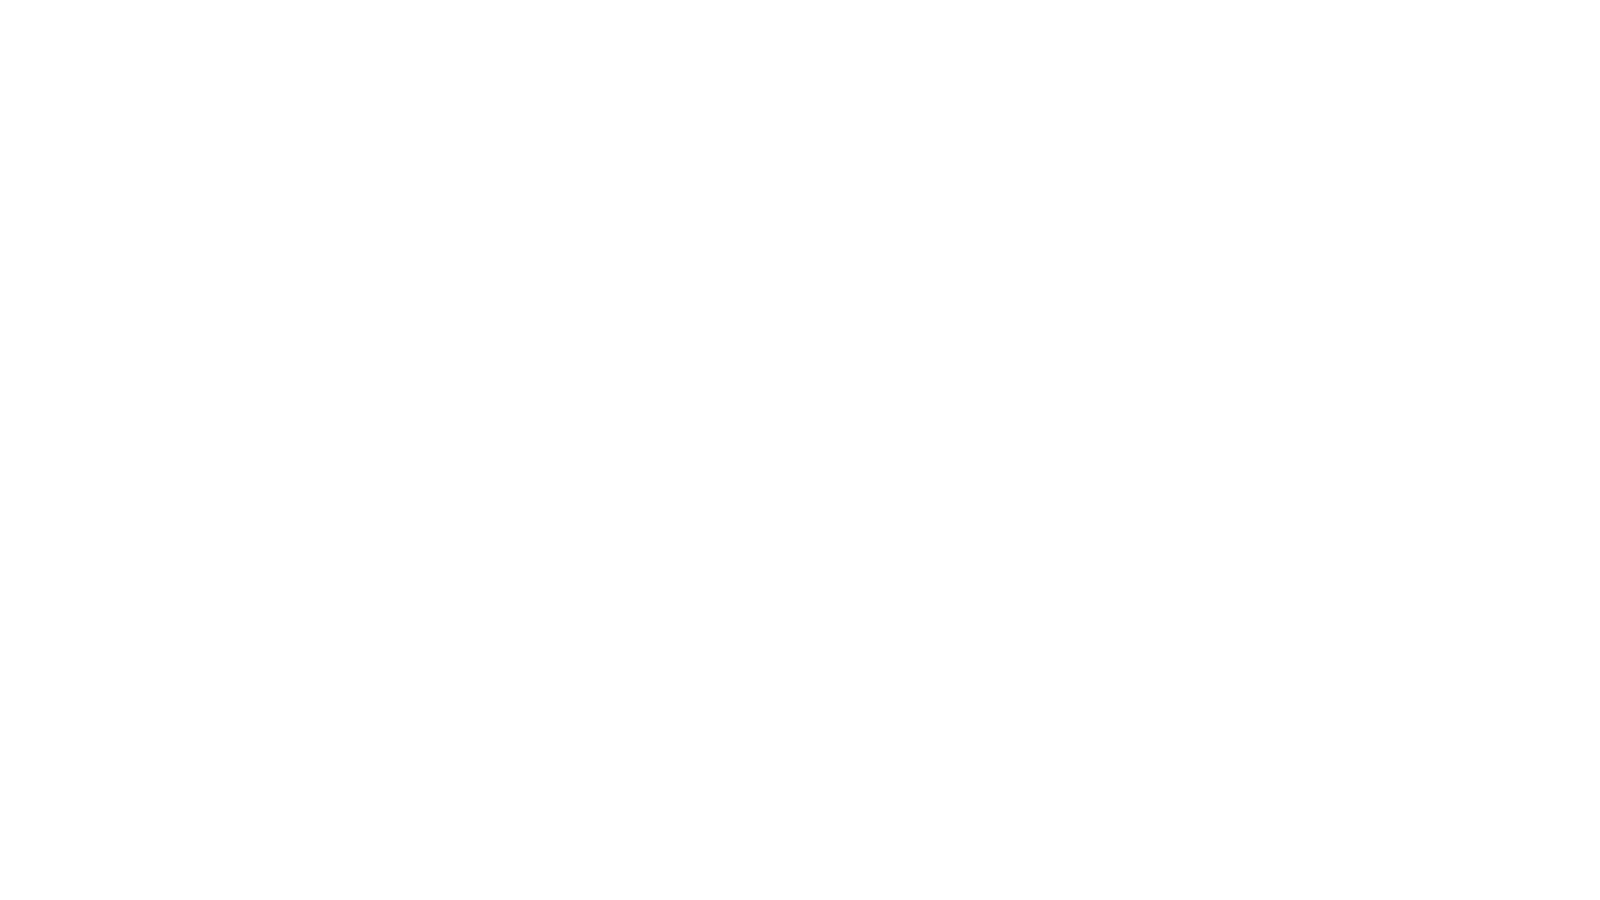 Keliaujantys linksmuoliai užsuko į Biržų Nepriklausomybės aikštę pasveikinti vaikų gynimo dienos proga. Trumpu pelytės MINĖS patrepsėjimu, pirato RATO daina ir vaikišku šėlsmu pasitikome 2021 metų vasarą Biržuose.  Interneto svetainė: https://kultura.birzai.lt/ Facebook: https://www.facebook.com/birzukulturos.centras